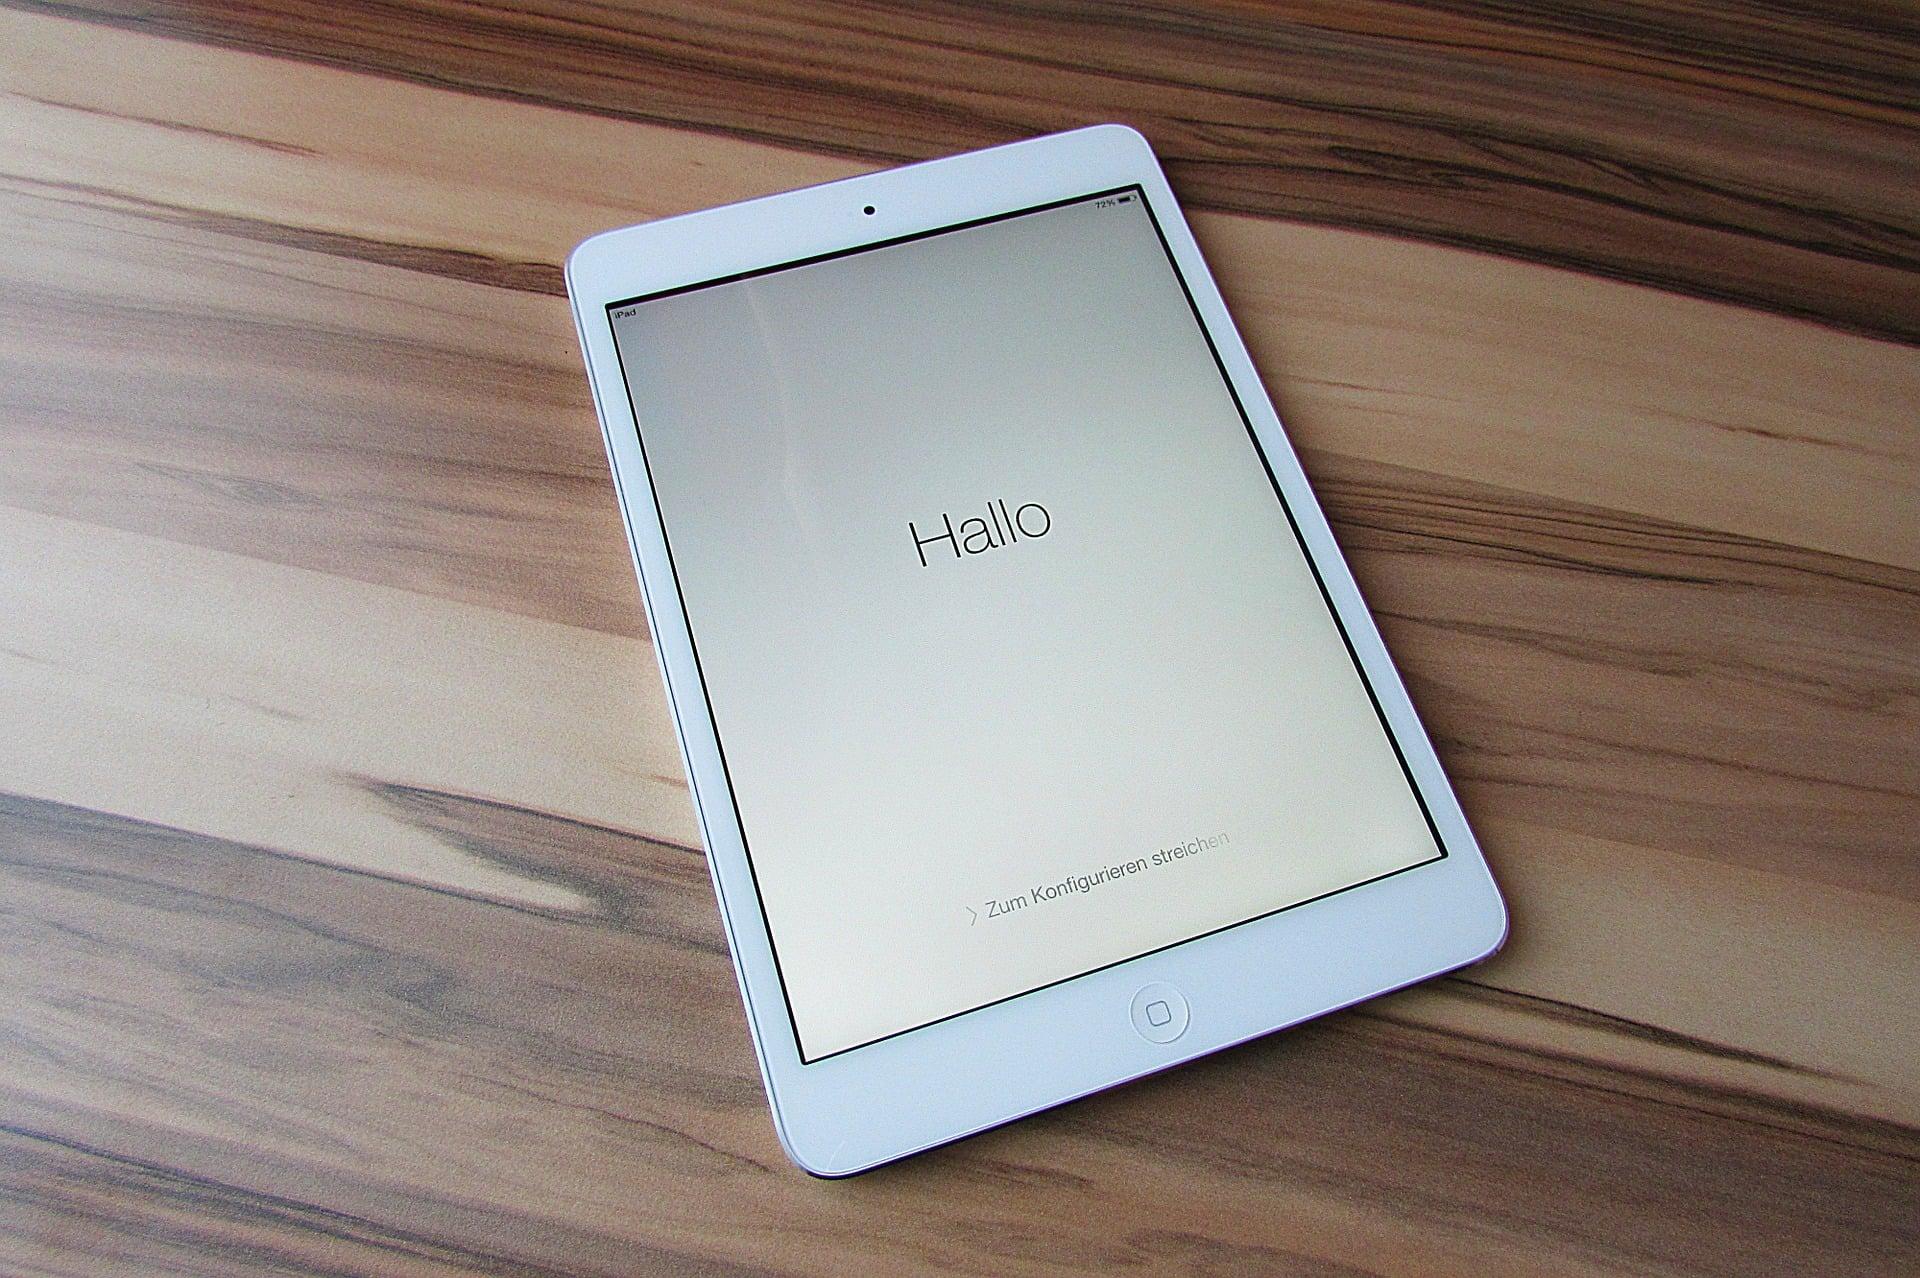 iPad jako zewnętrzny monitor? Tak, ma to być możliwe w nowym macOS